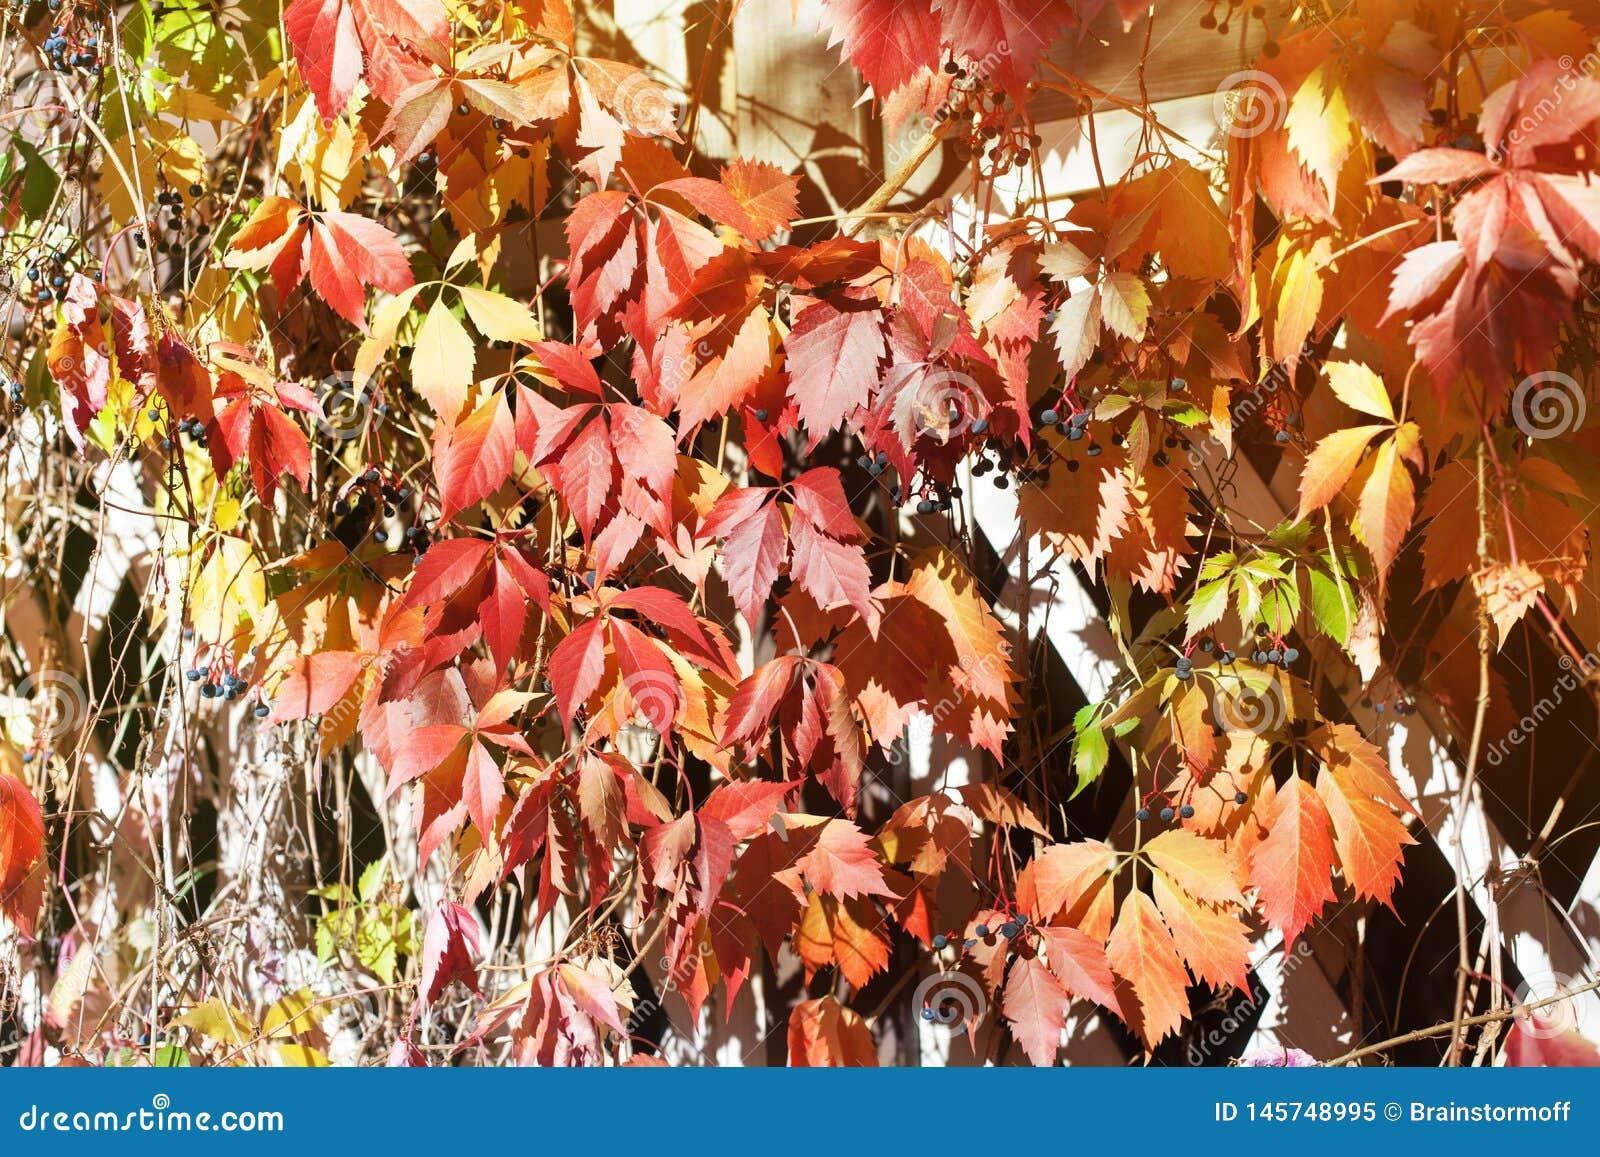 Folhas vermelhas e alaranjadas brilhantes da uva na cerca de madeira branca da grade da estrutura, fundo dourado da folha do outo